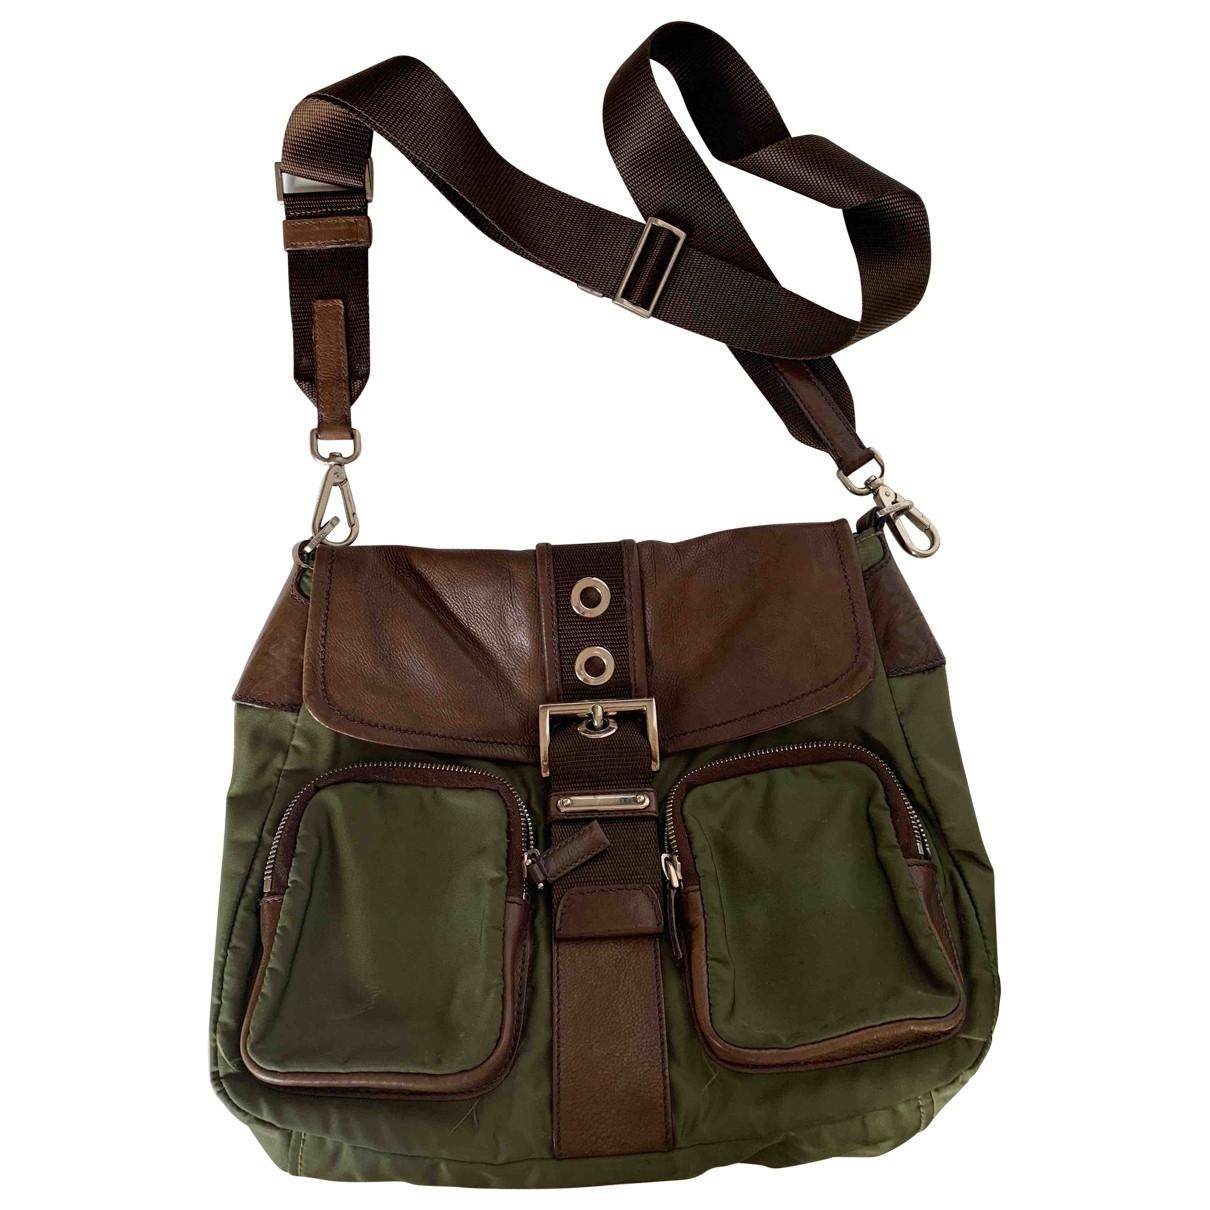 Prada \N Khaki handbag for Women \N